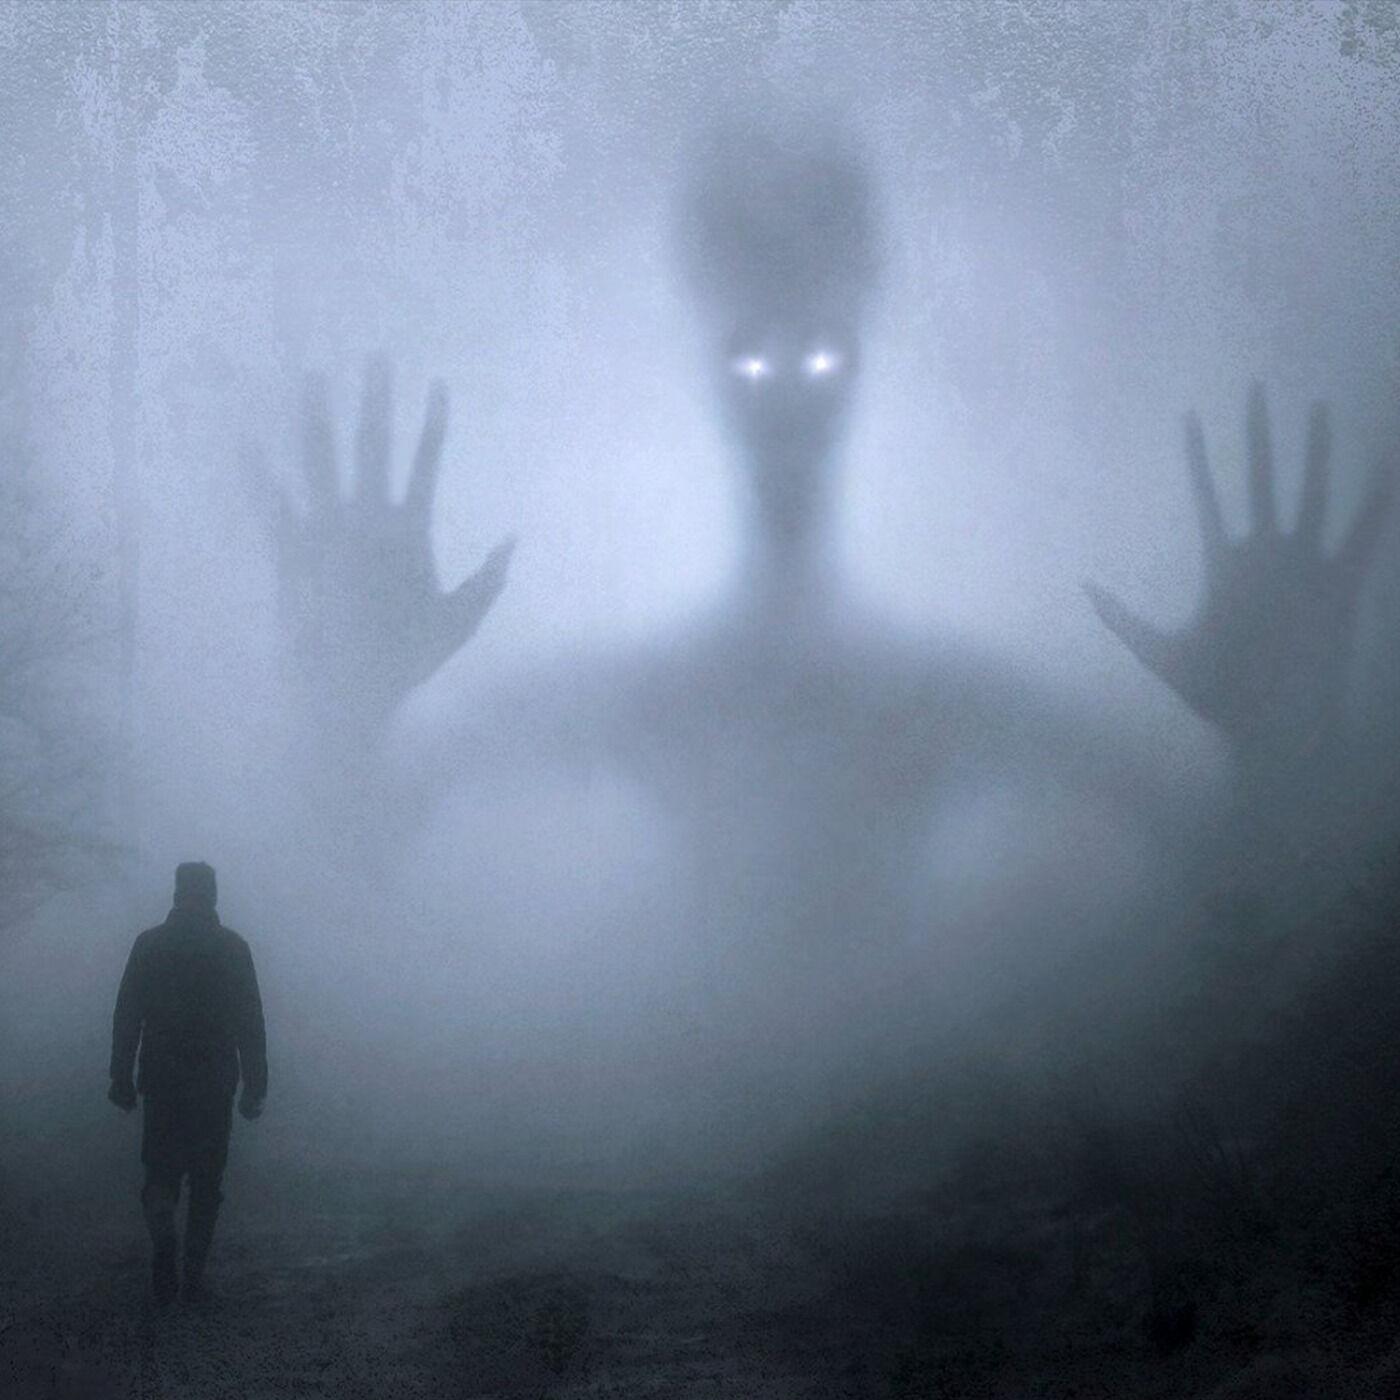 Episode 41: Top Lists of UFO/Alien Movies